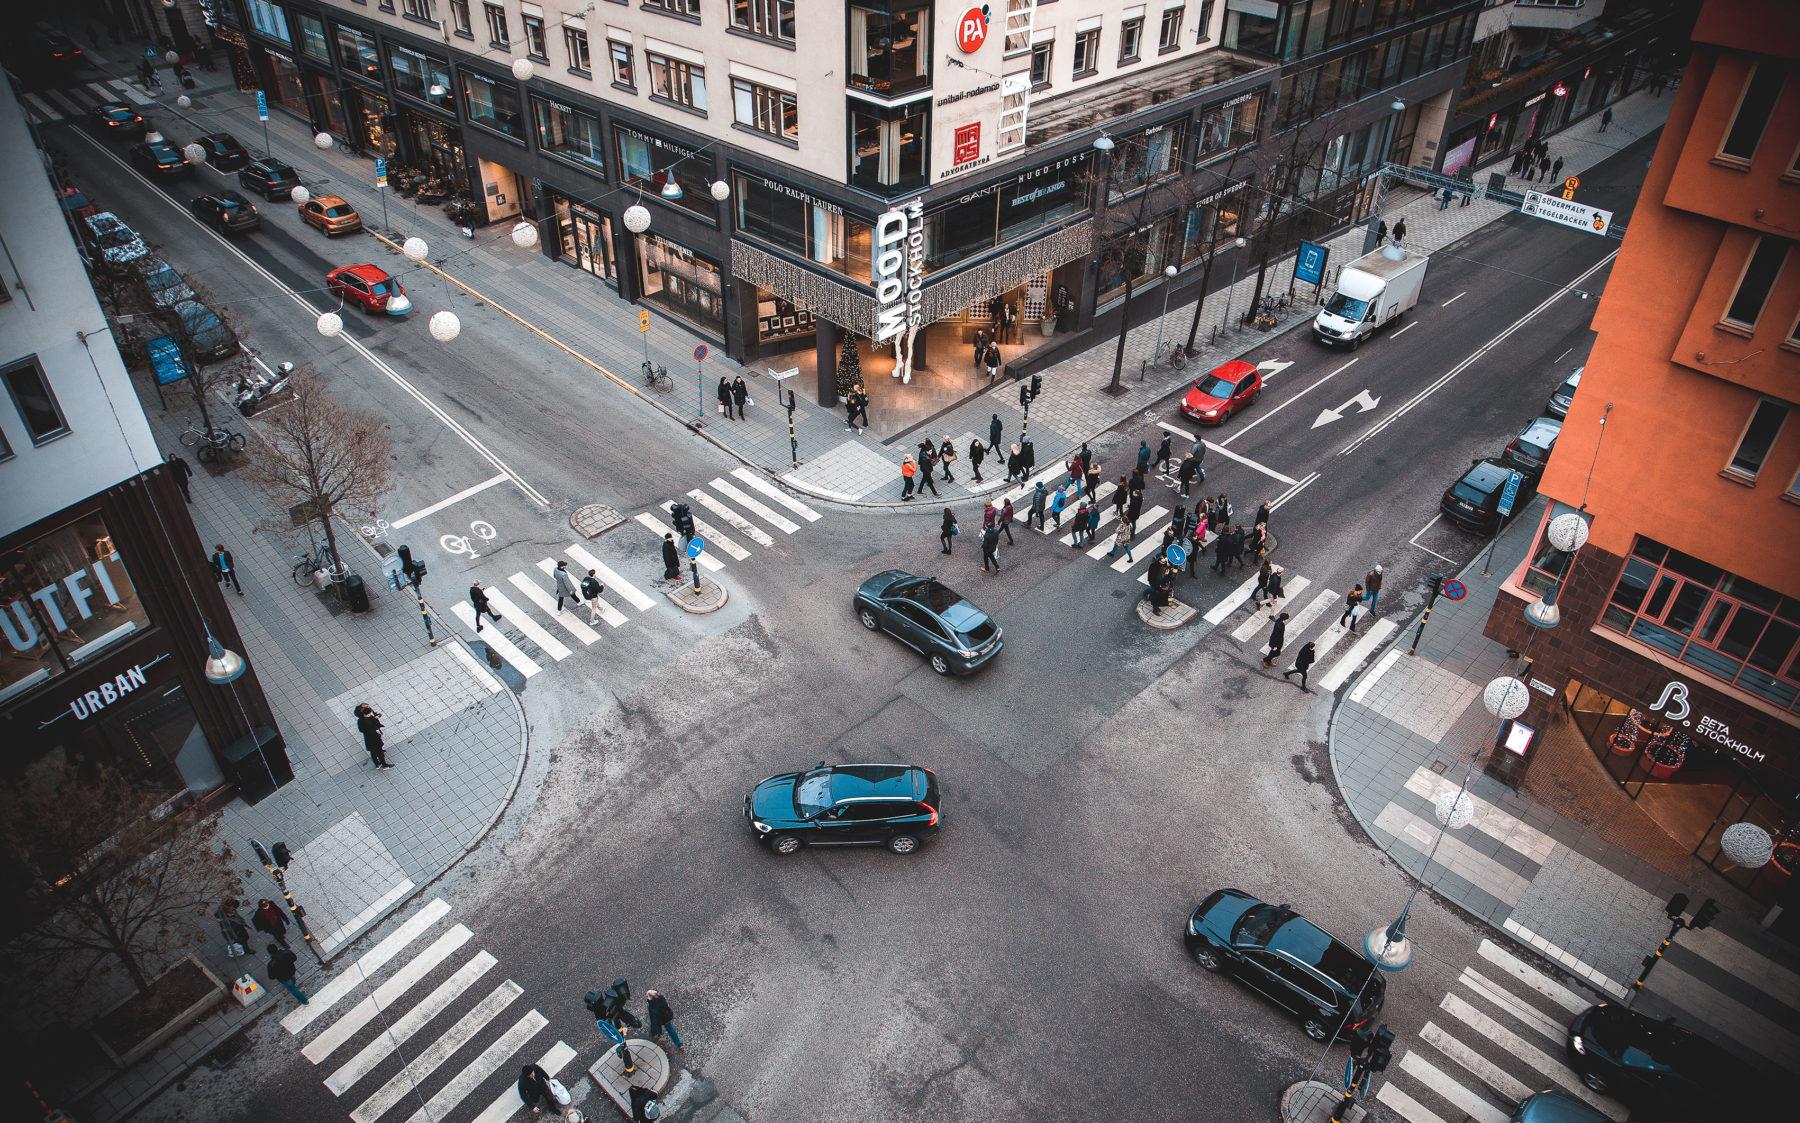 「危機管理意識」を身体に染みこませる 歩行者事故を少しの意識で避けるポイント